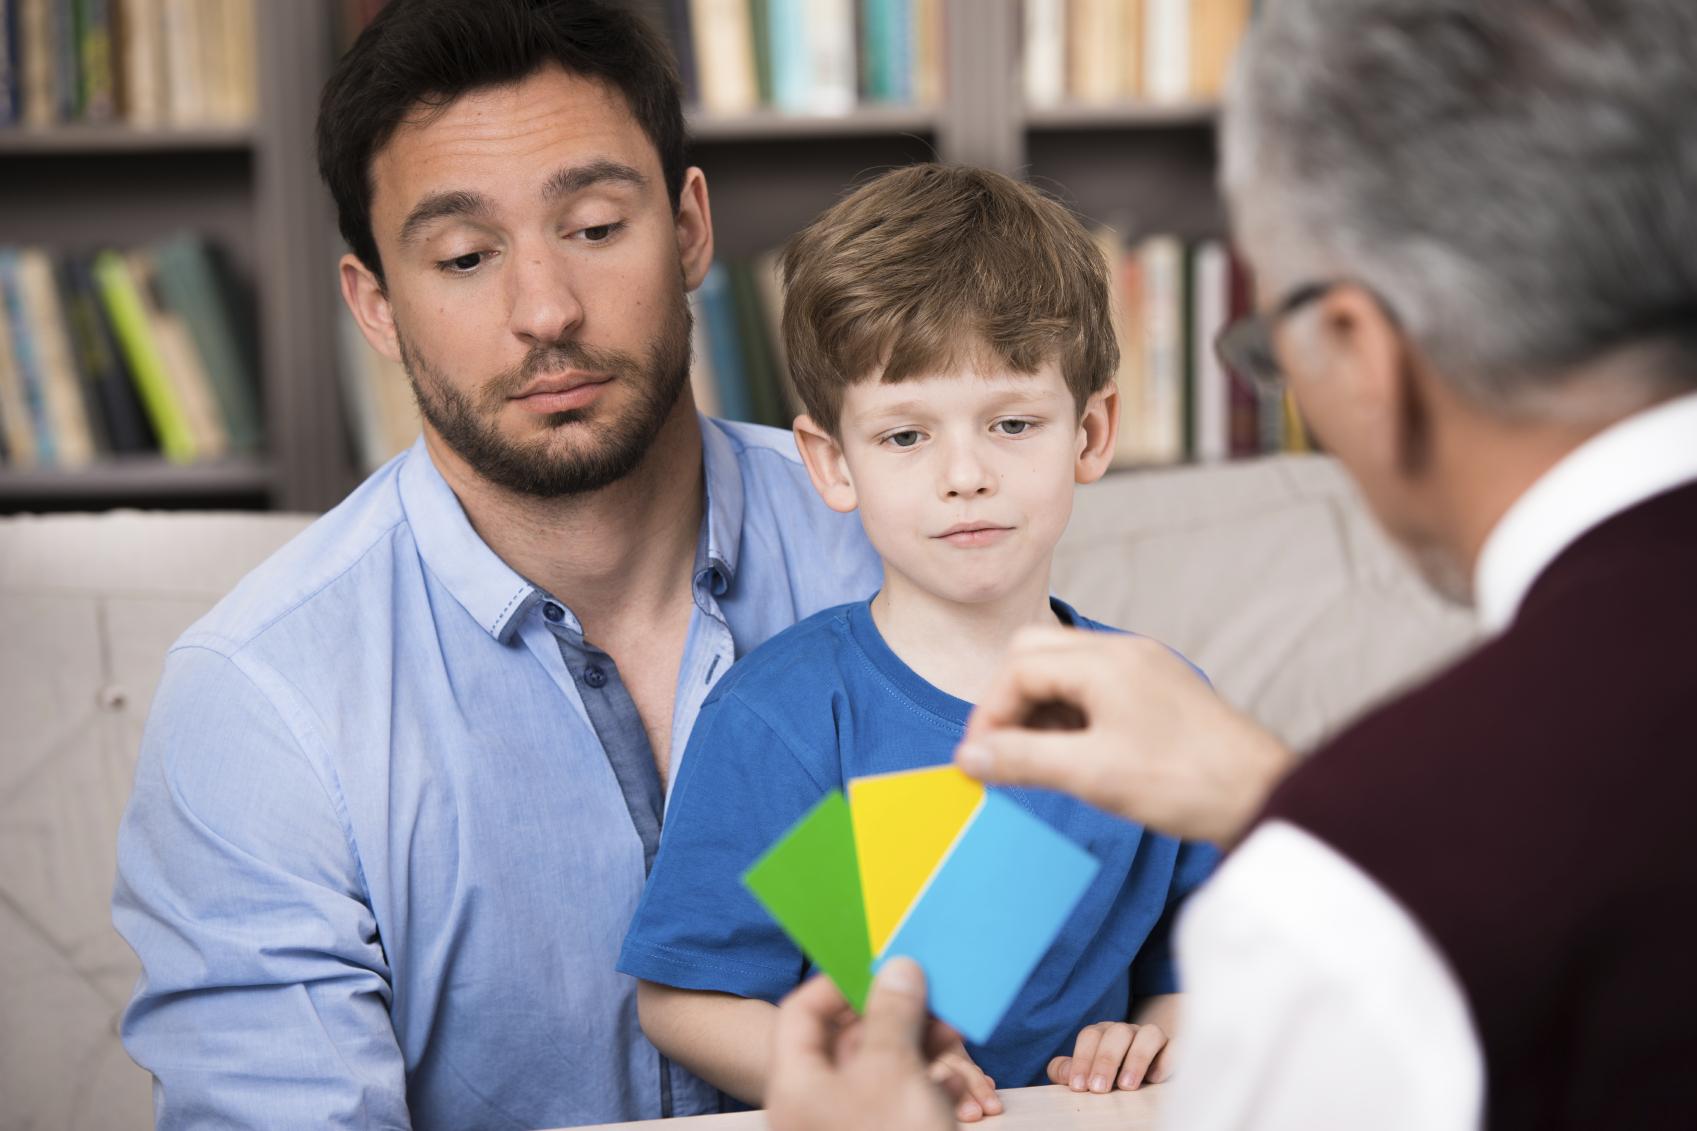 В центре внимания дети картинки